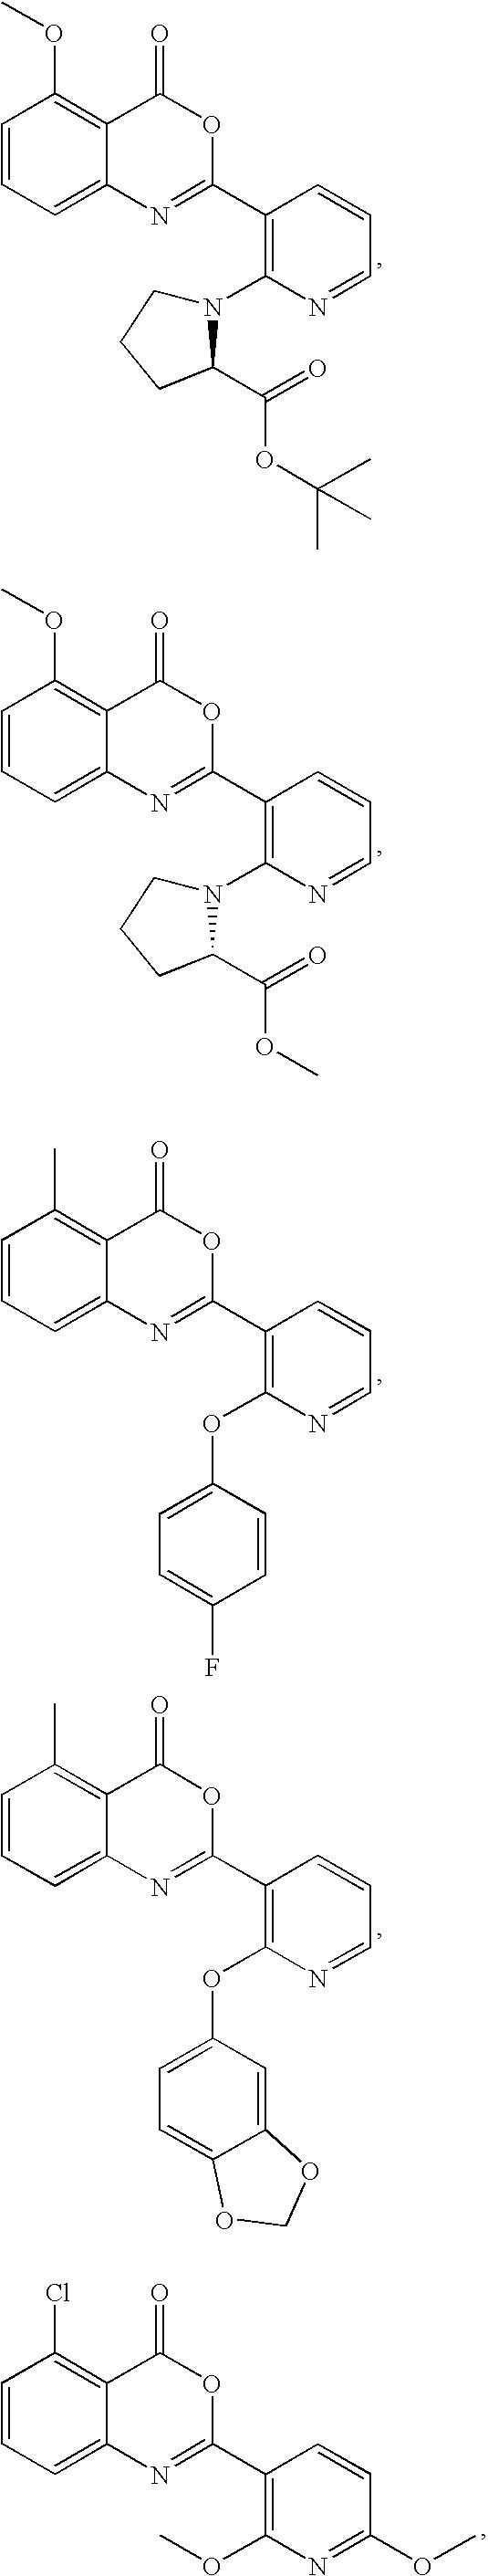 Figure US20080161290A1-20080703-C00029